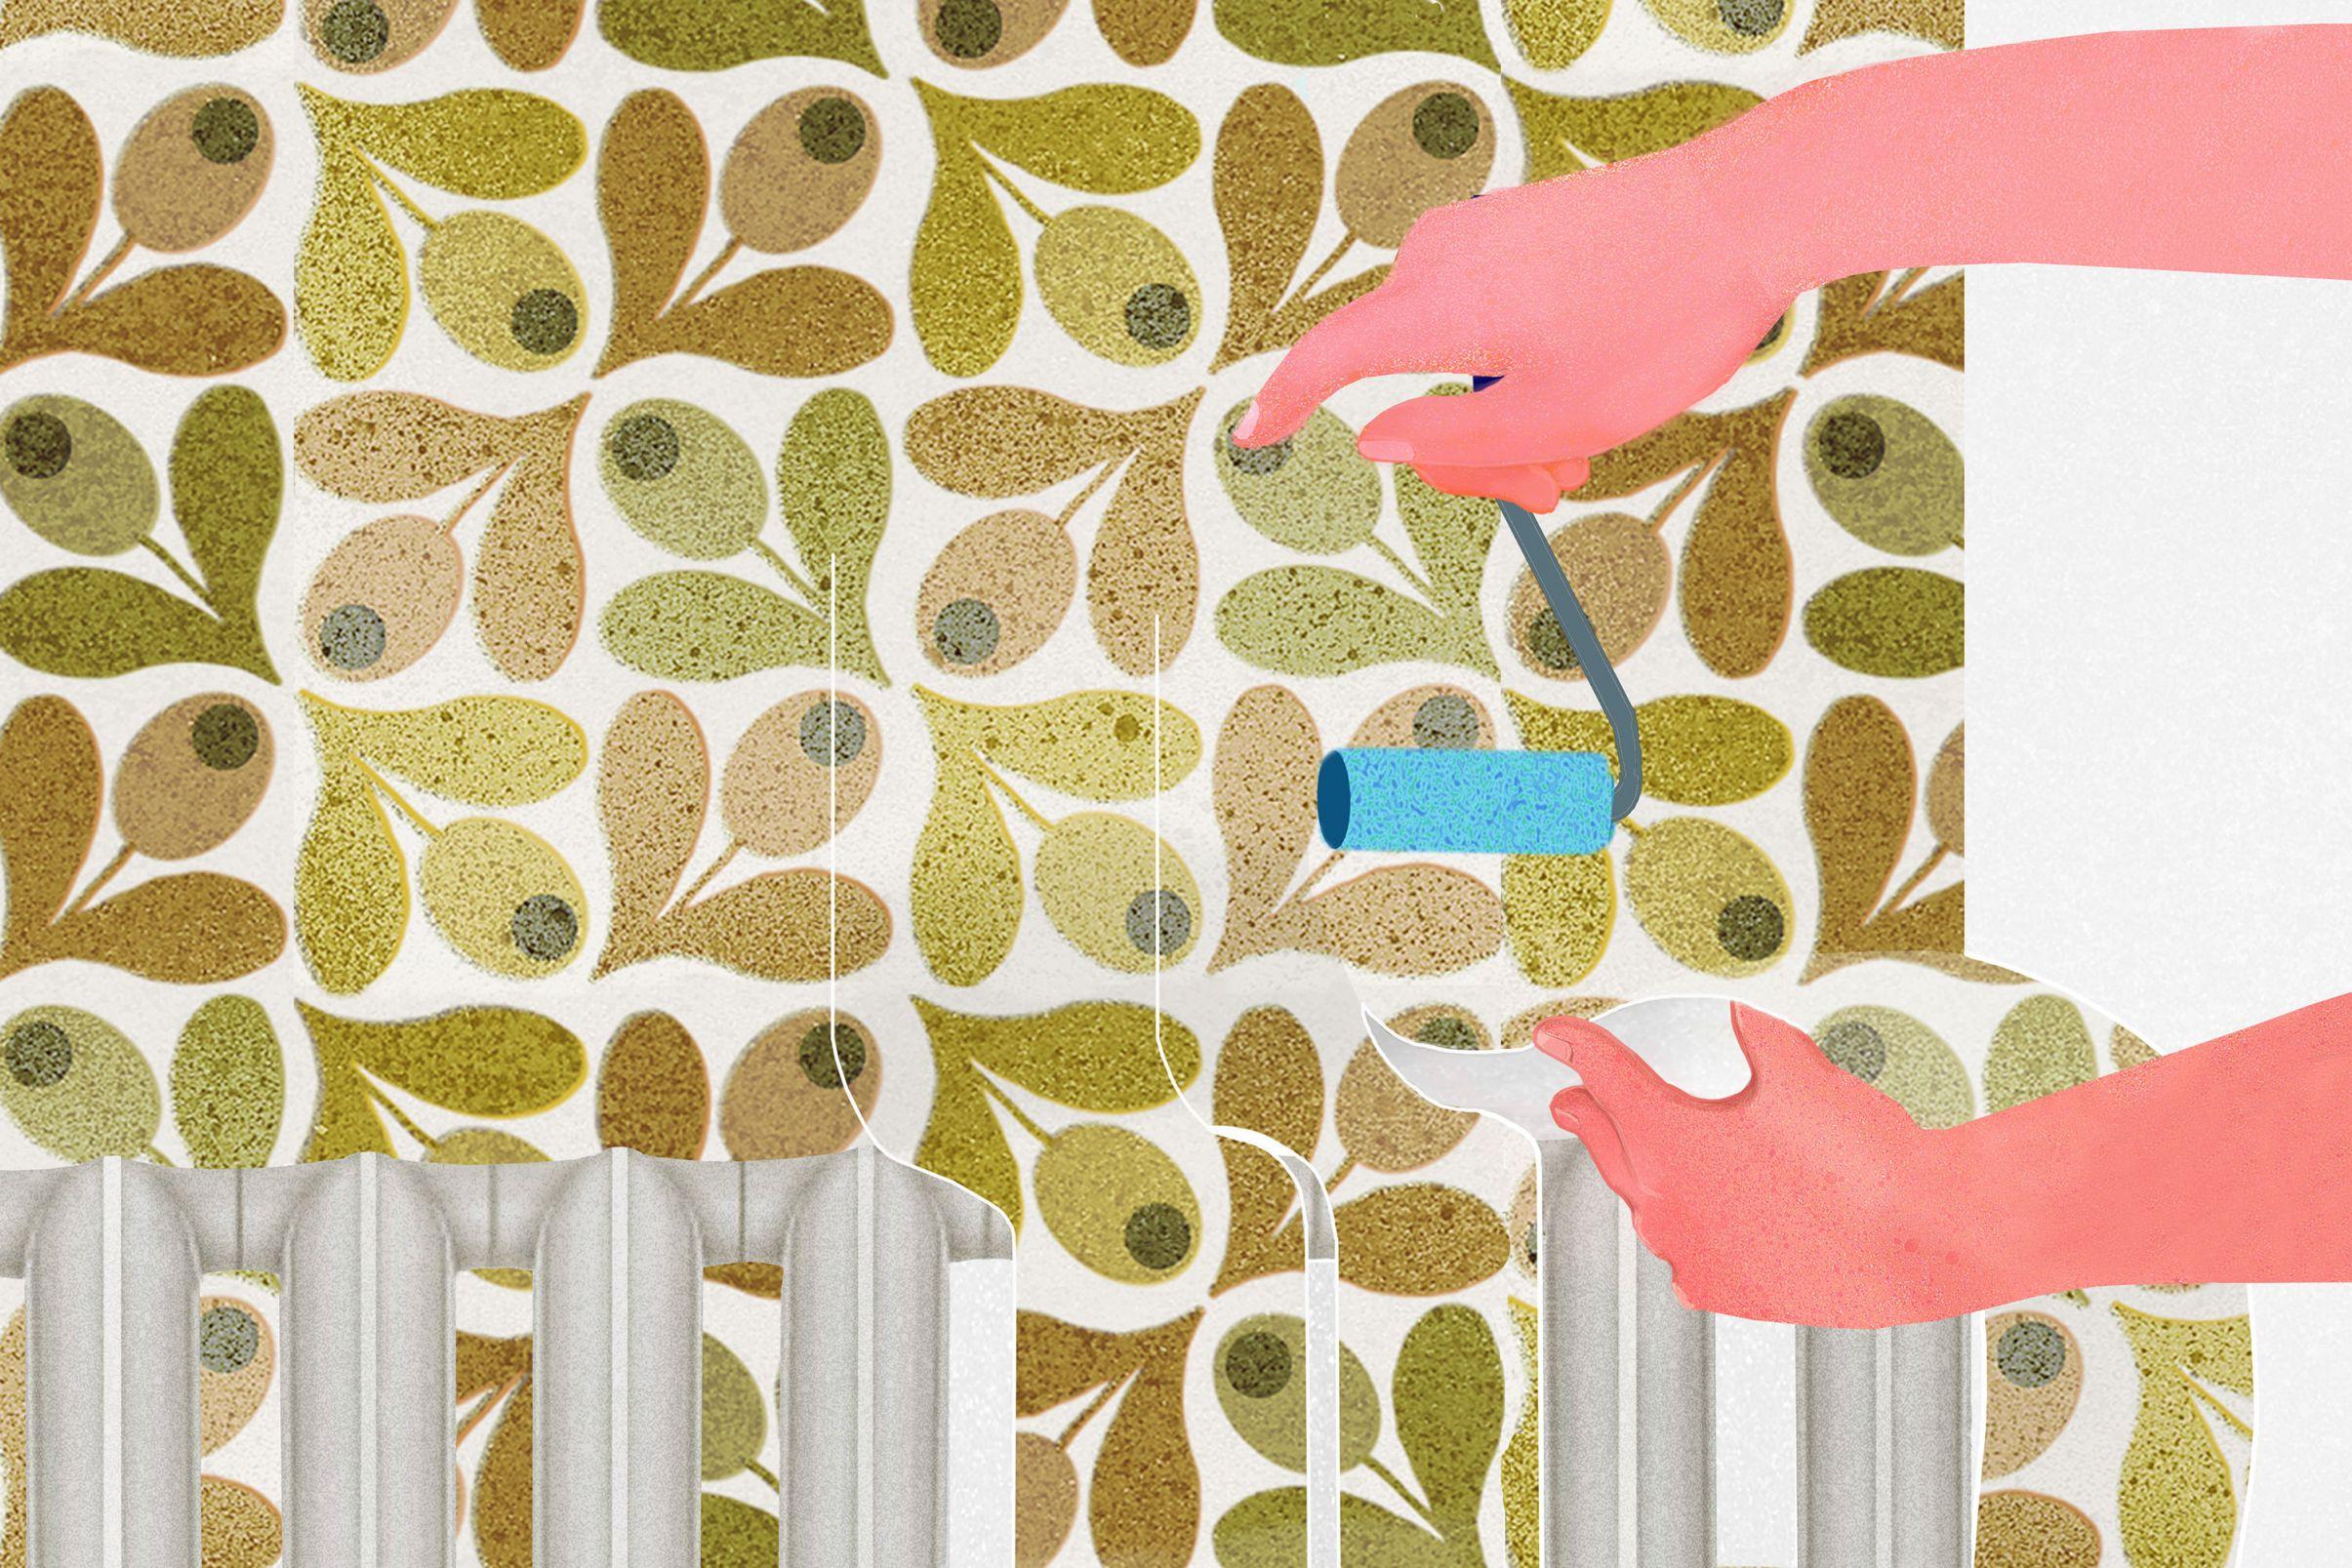 Wie-tapeziere-ich-hinter-Heizkoerpern-Streifen-einschneiden-und-einzeln-hinter-dem-Heizkoerper-andruecken